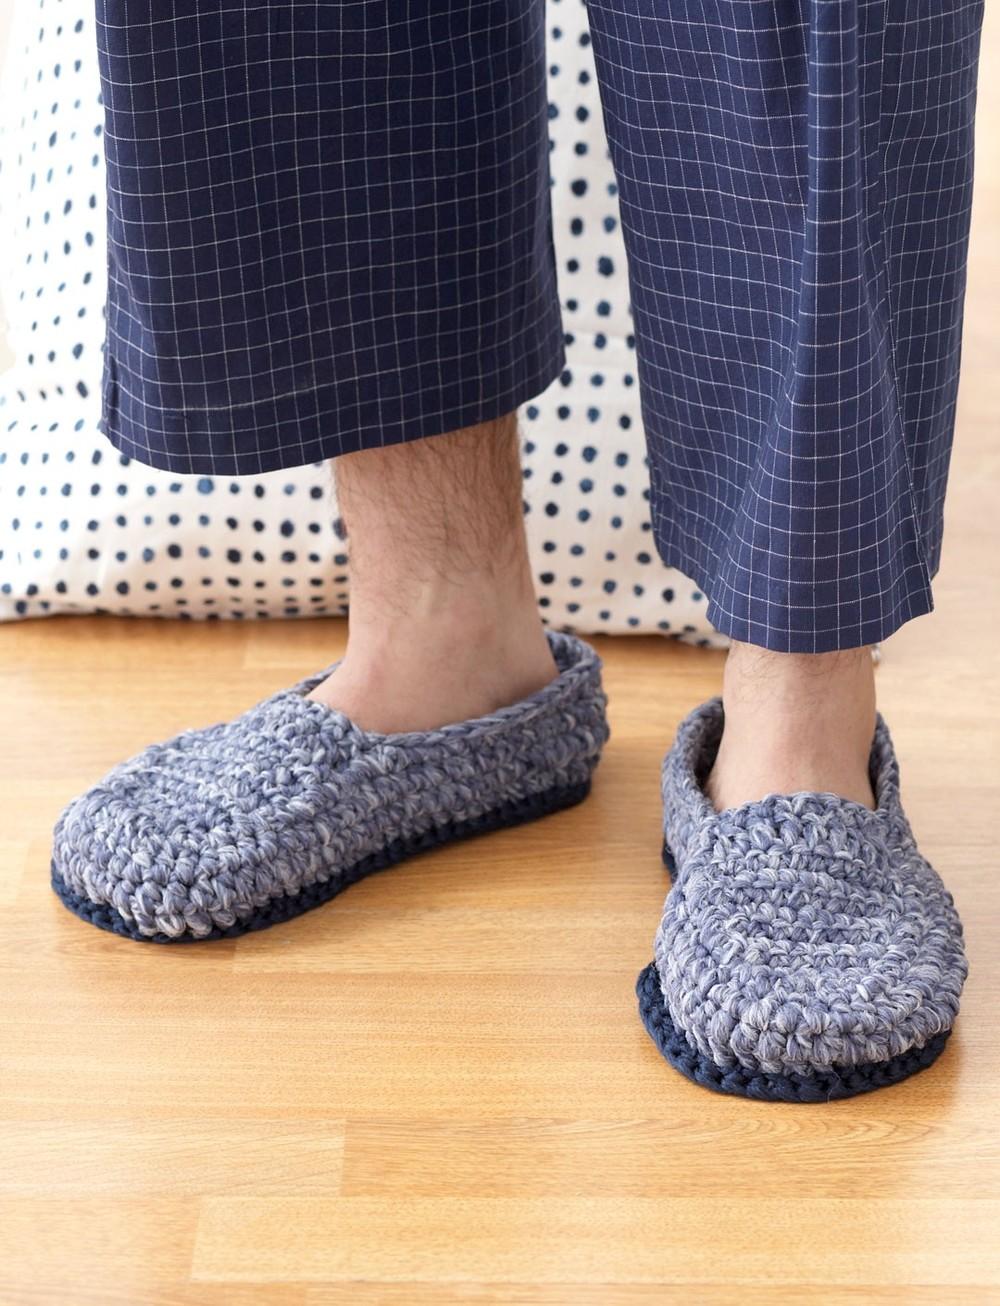 Crochet House Shoes